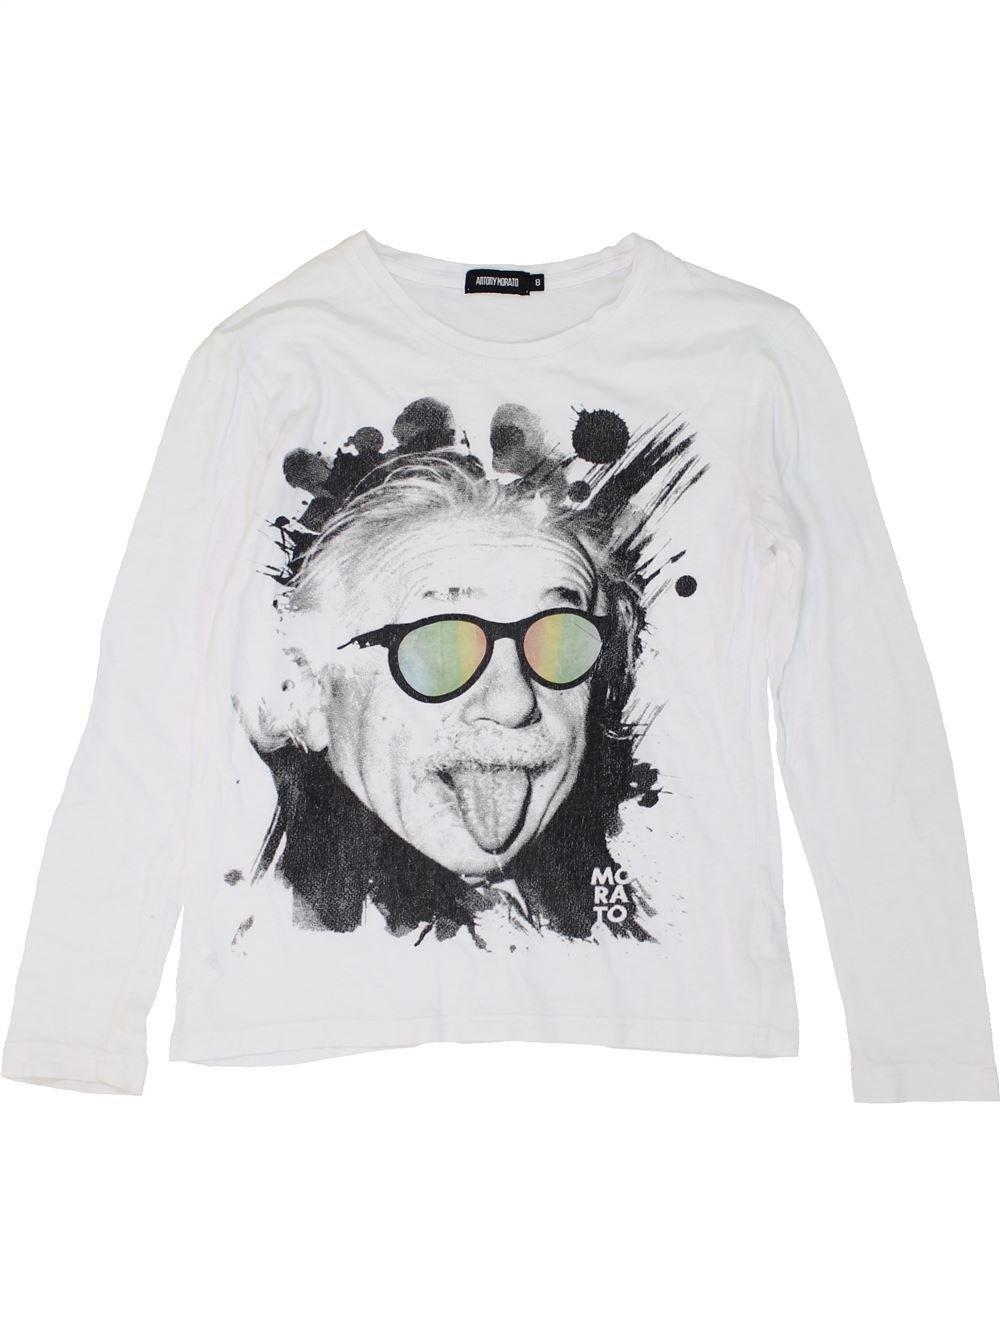 7059278a67f7b T-shirt manches longues blanc ANTONY MORATO du 8 ans pour Fille - 1273992